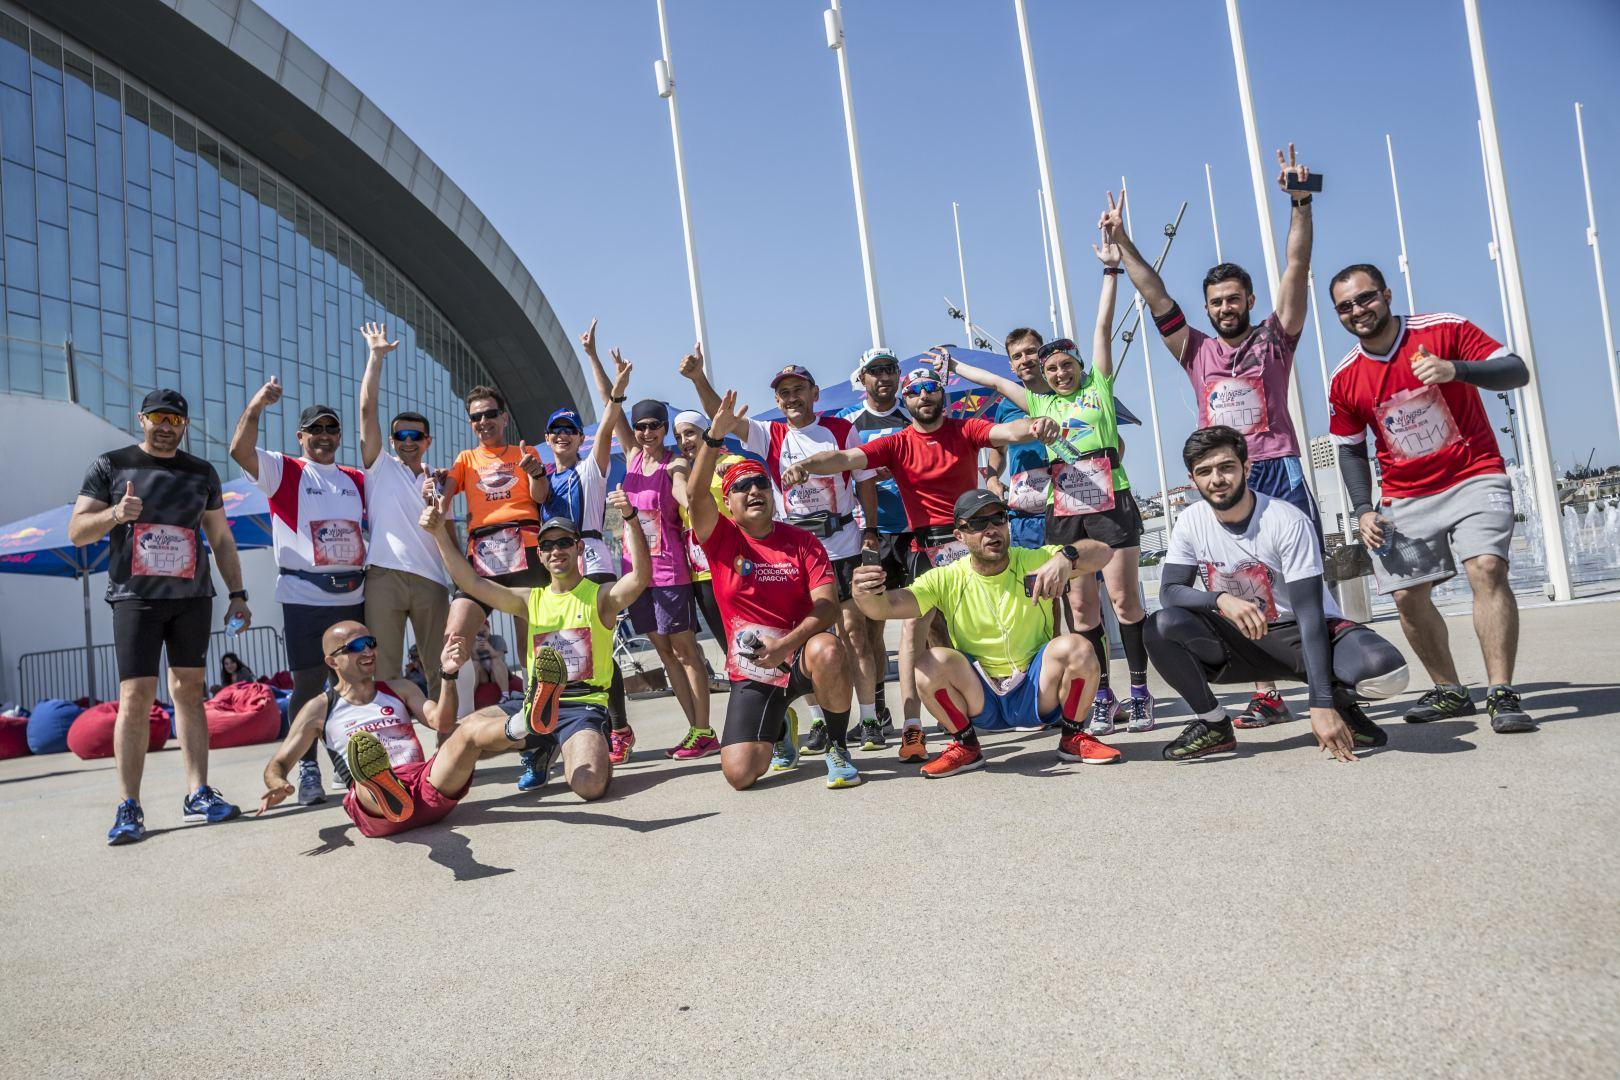 Участников забега в Баку будет догонять виртуальный автомобиль-кетчер (ФОТО/ВИДЕО) - Gallery Image